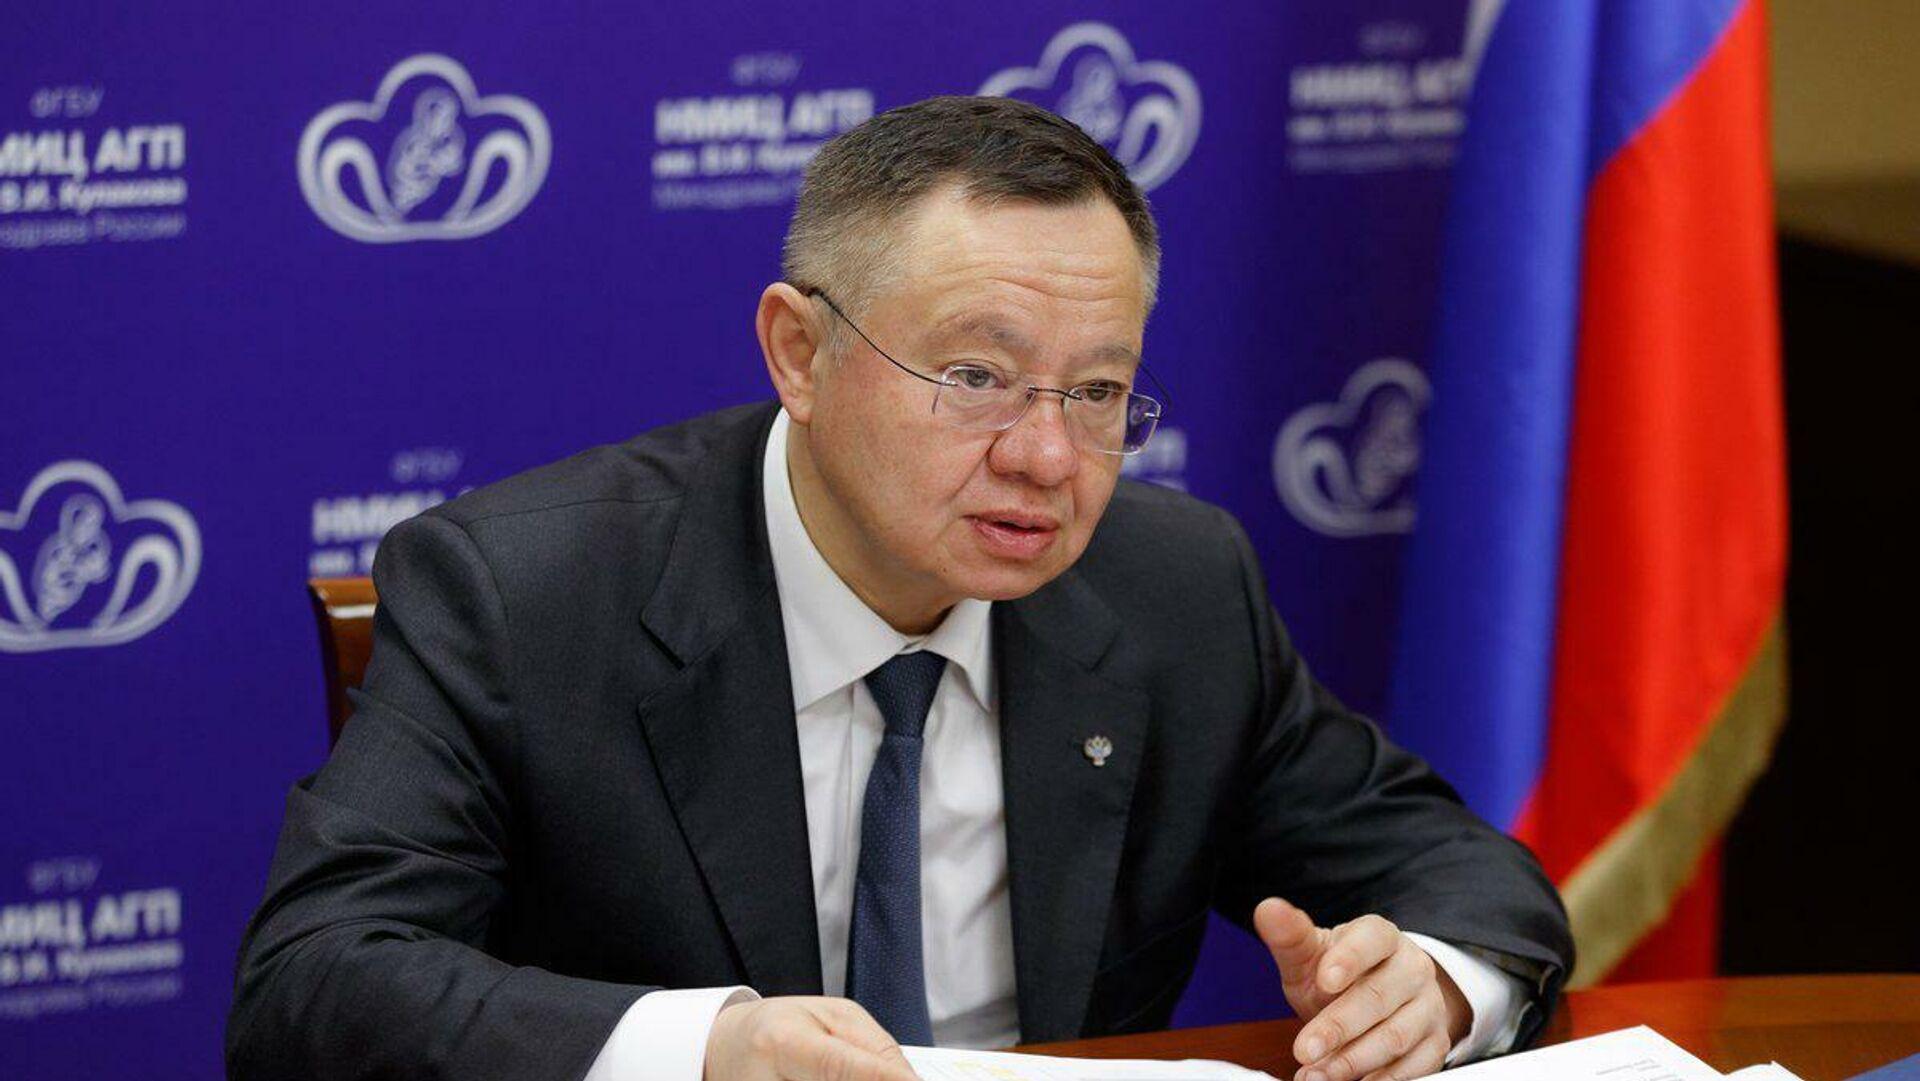 Министр строительства и жилищно-коммунального хозяйства Российской Федерации Ирек Файзуллин - РИА Новости, 1920, 05.01.2021